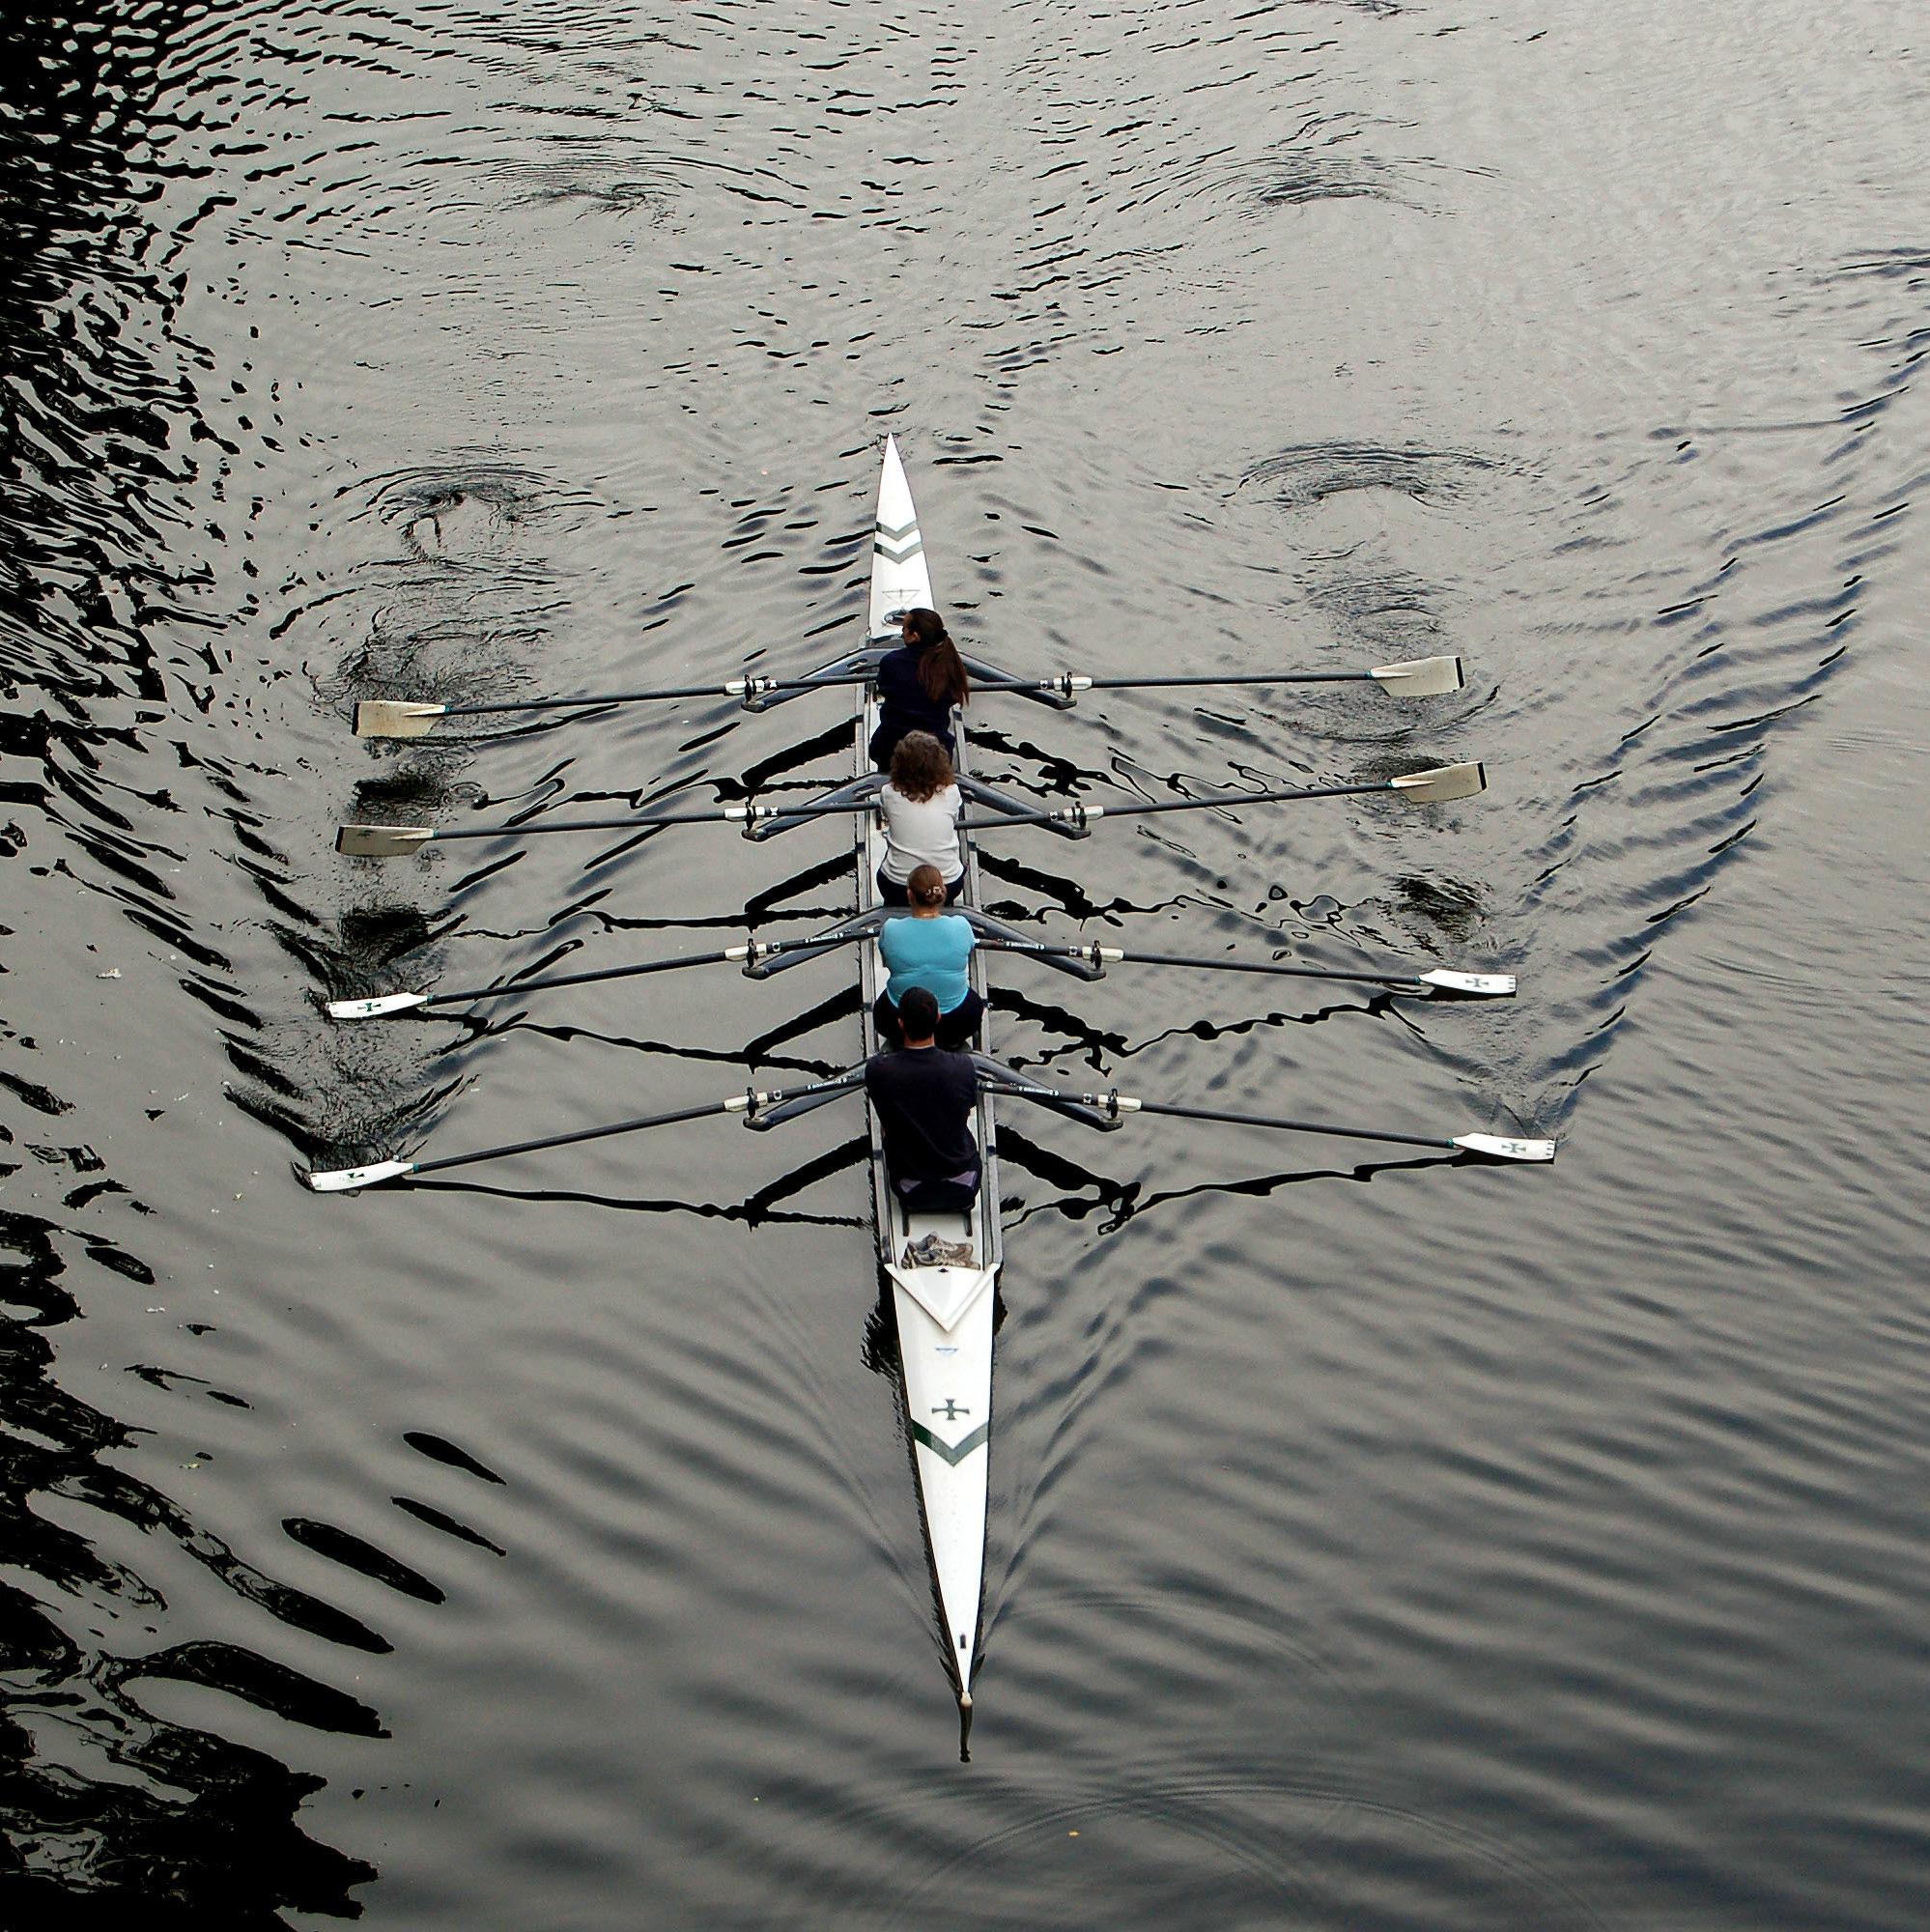 Rowing kkbzef